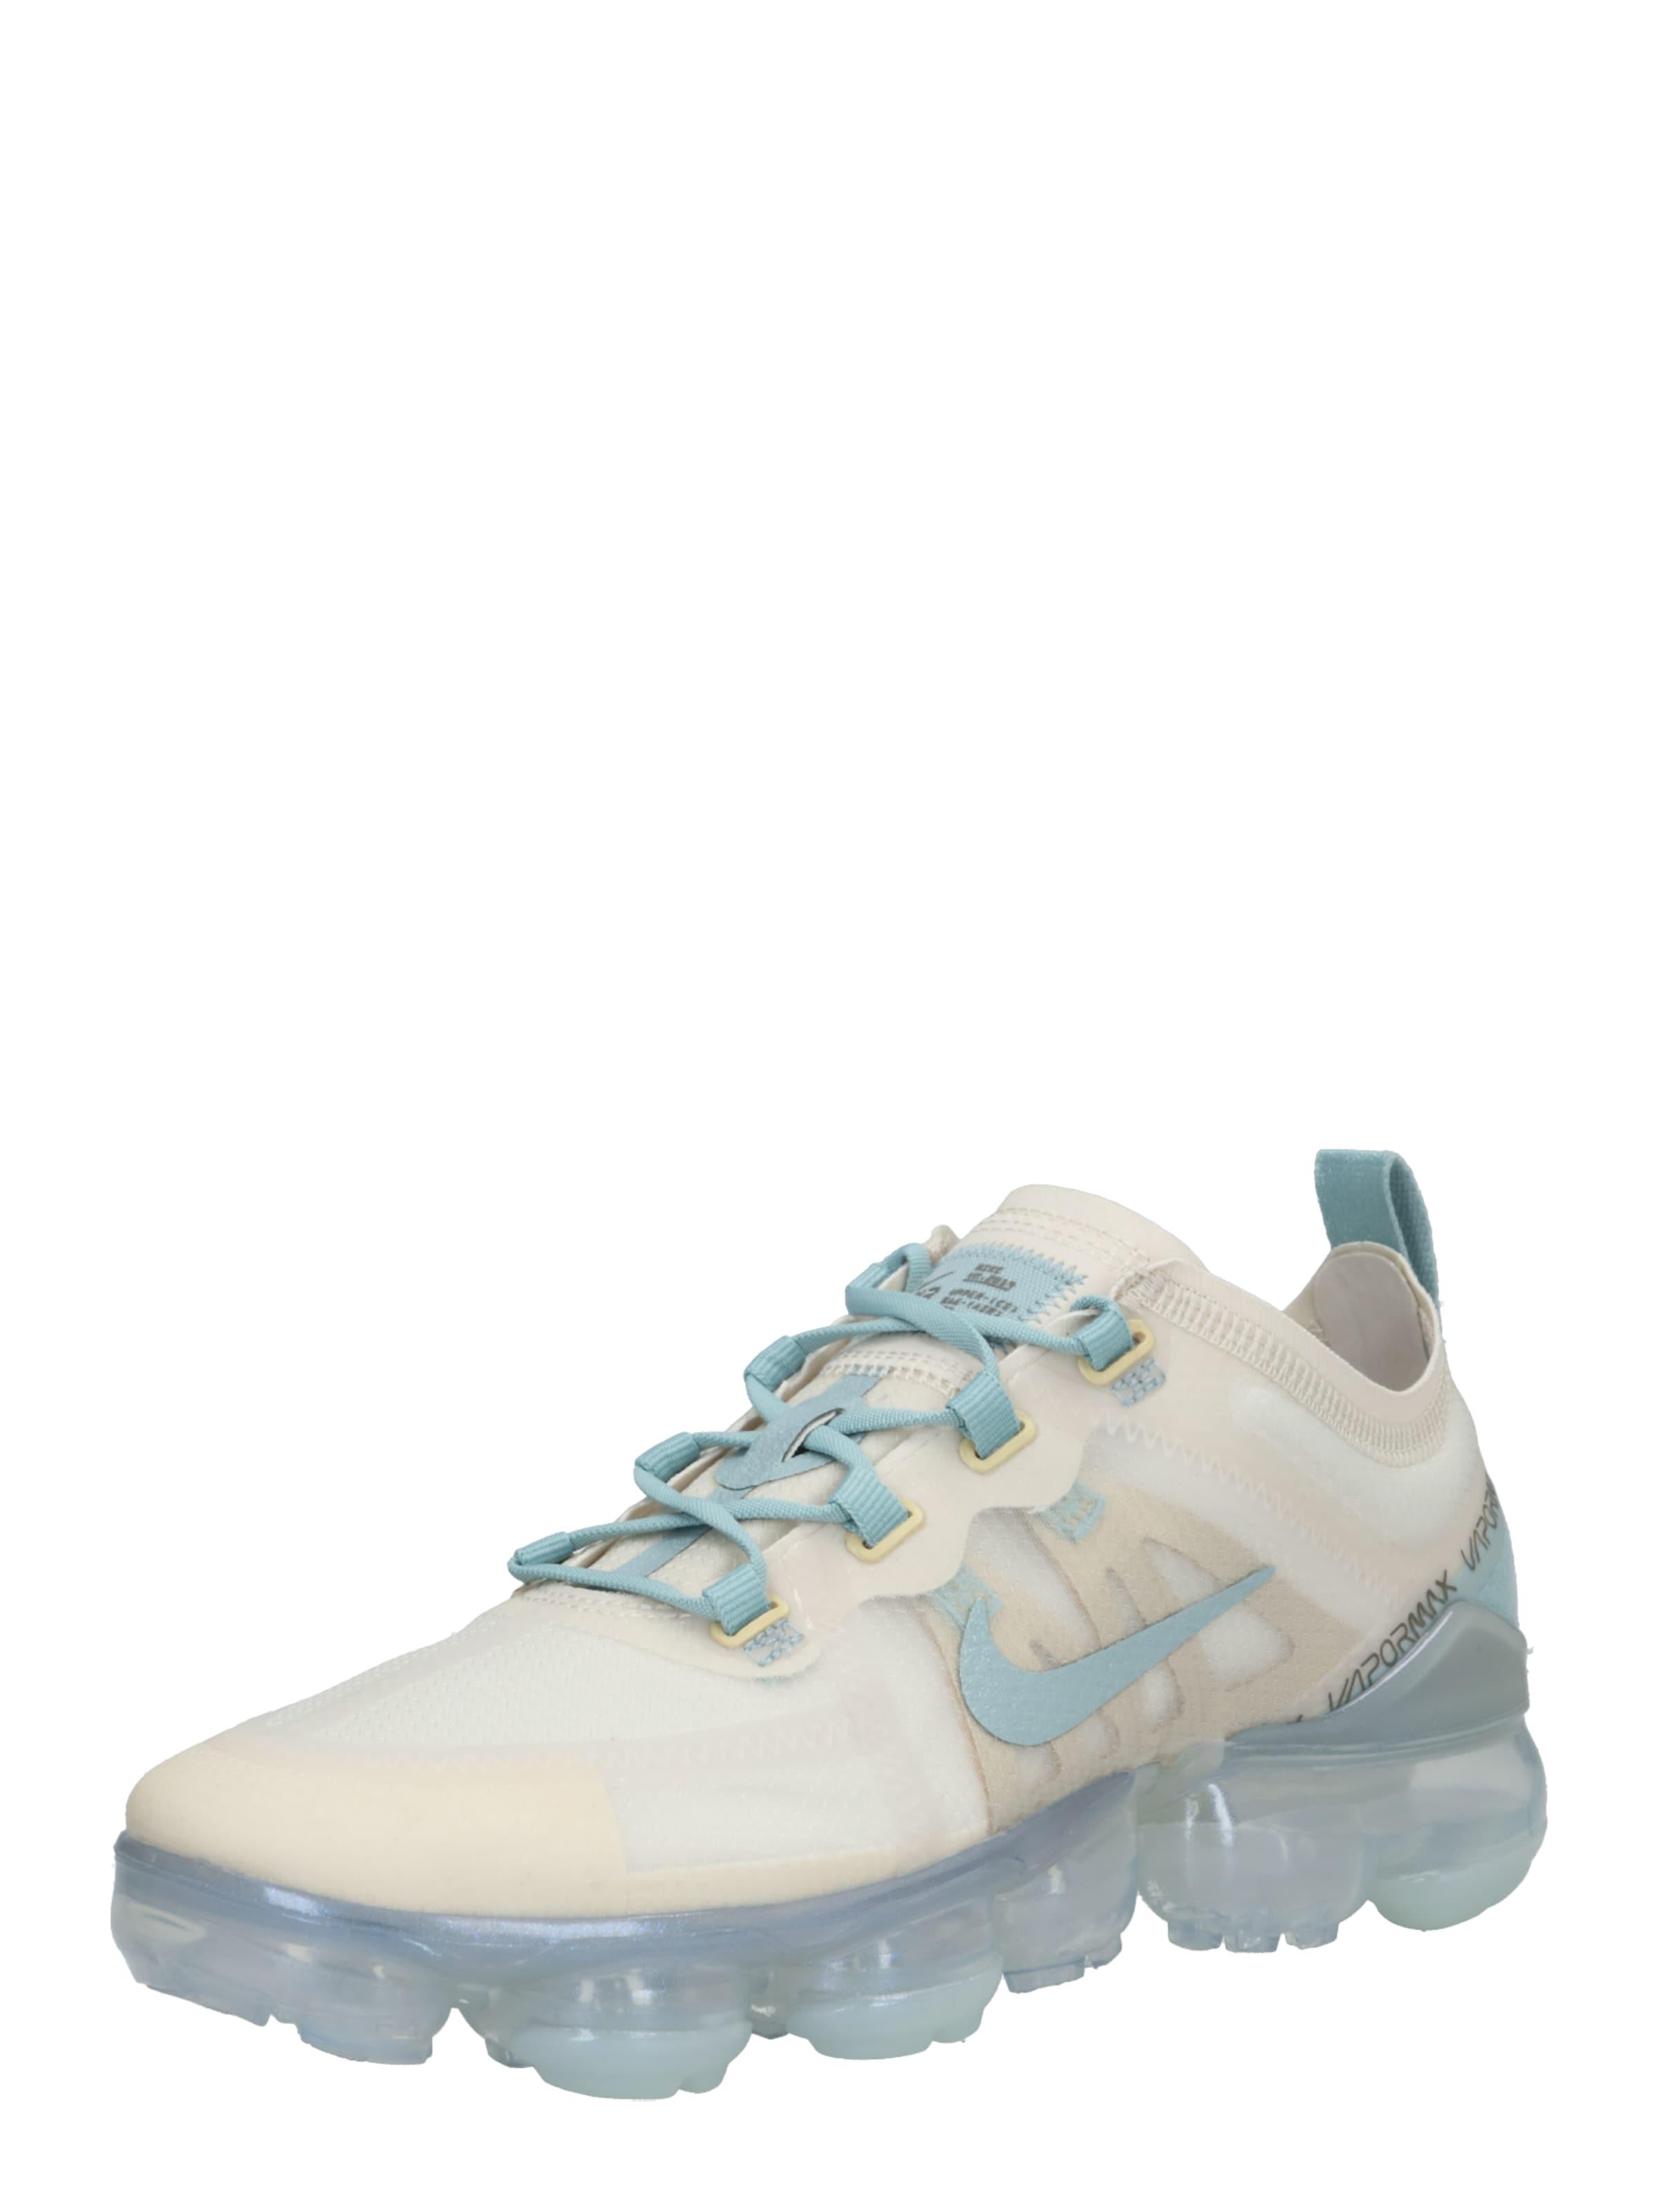 Baskets En Sportswear Crème Basses Nike Vapormax' 'air CordQBWxe